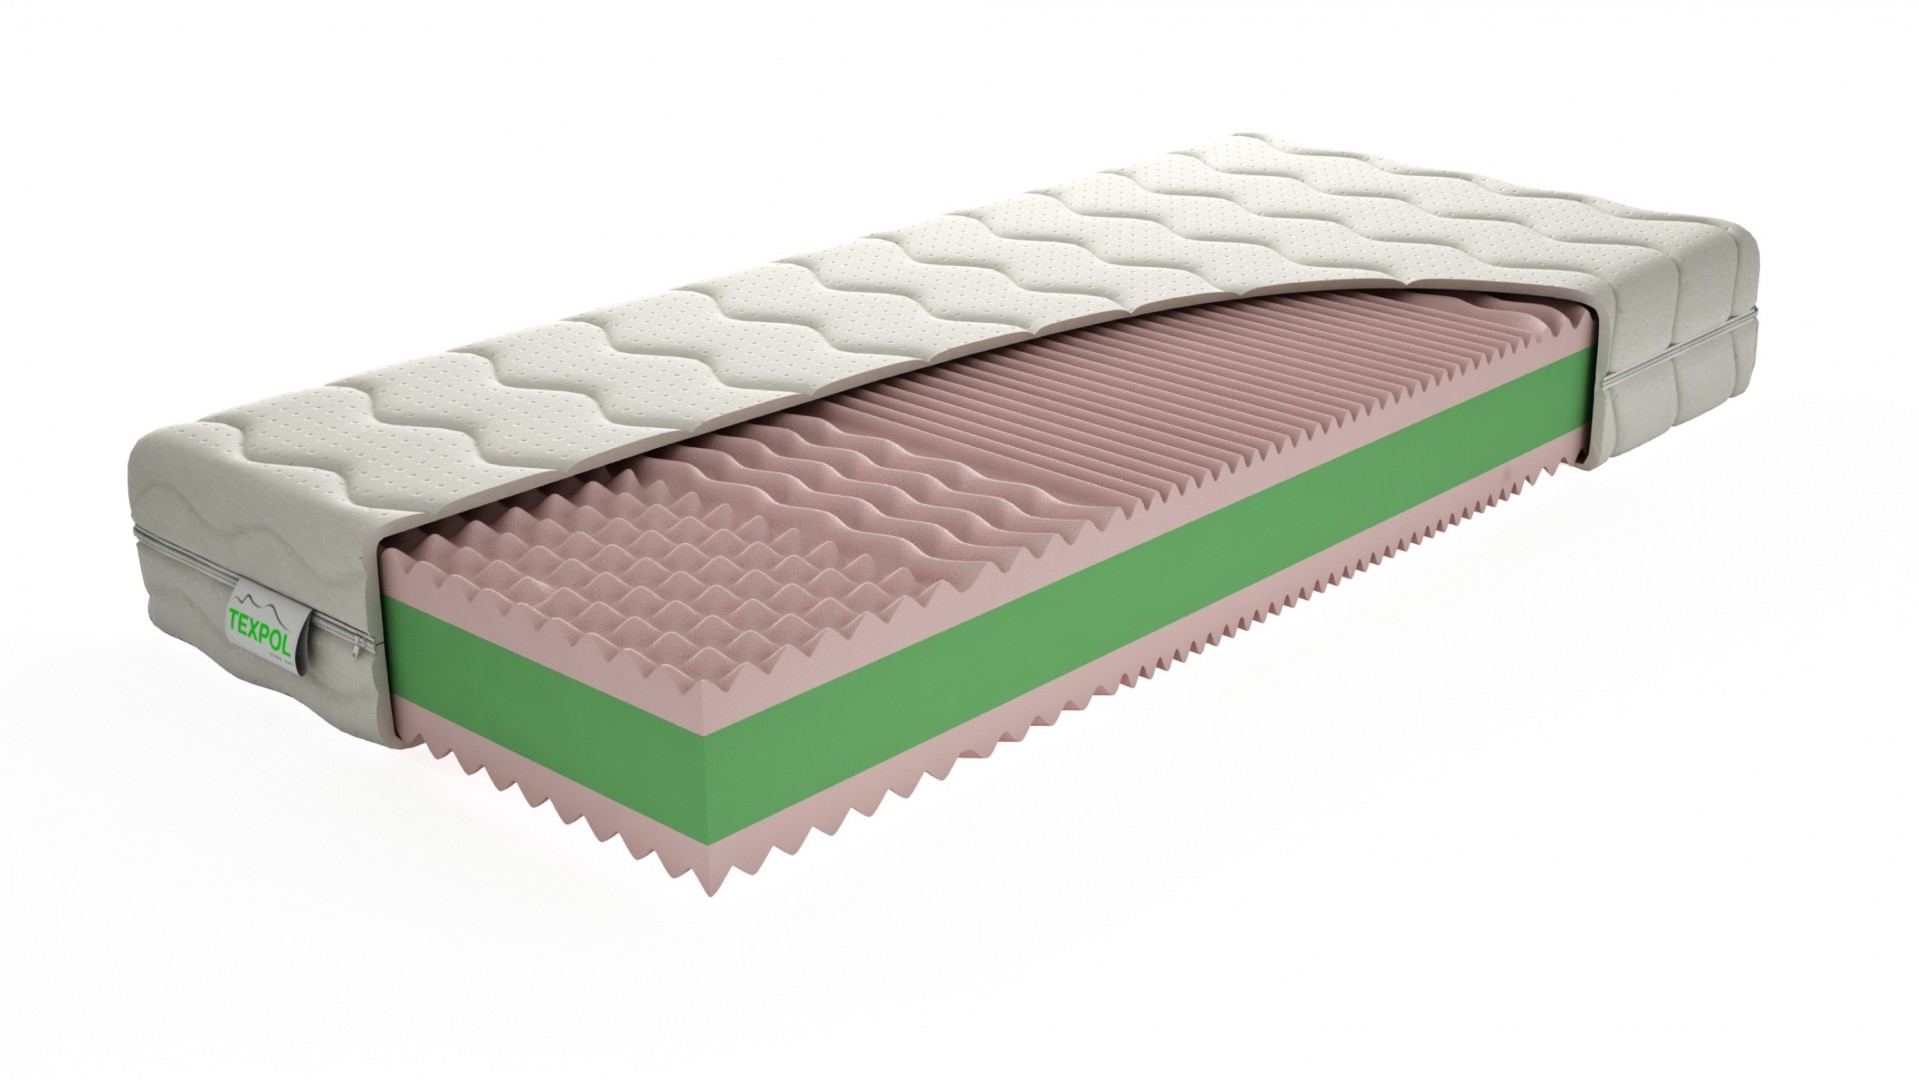 Texpol VEGA - obľúbený sendvičový matrac s poťahom Aloe Vera, snímateľný poťah